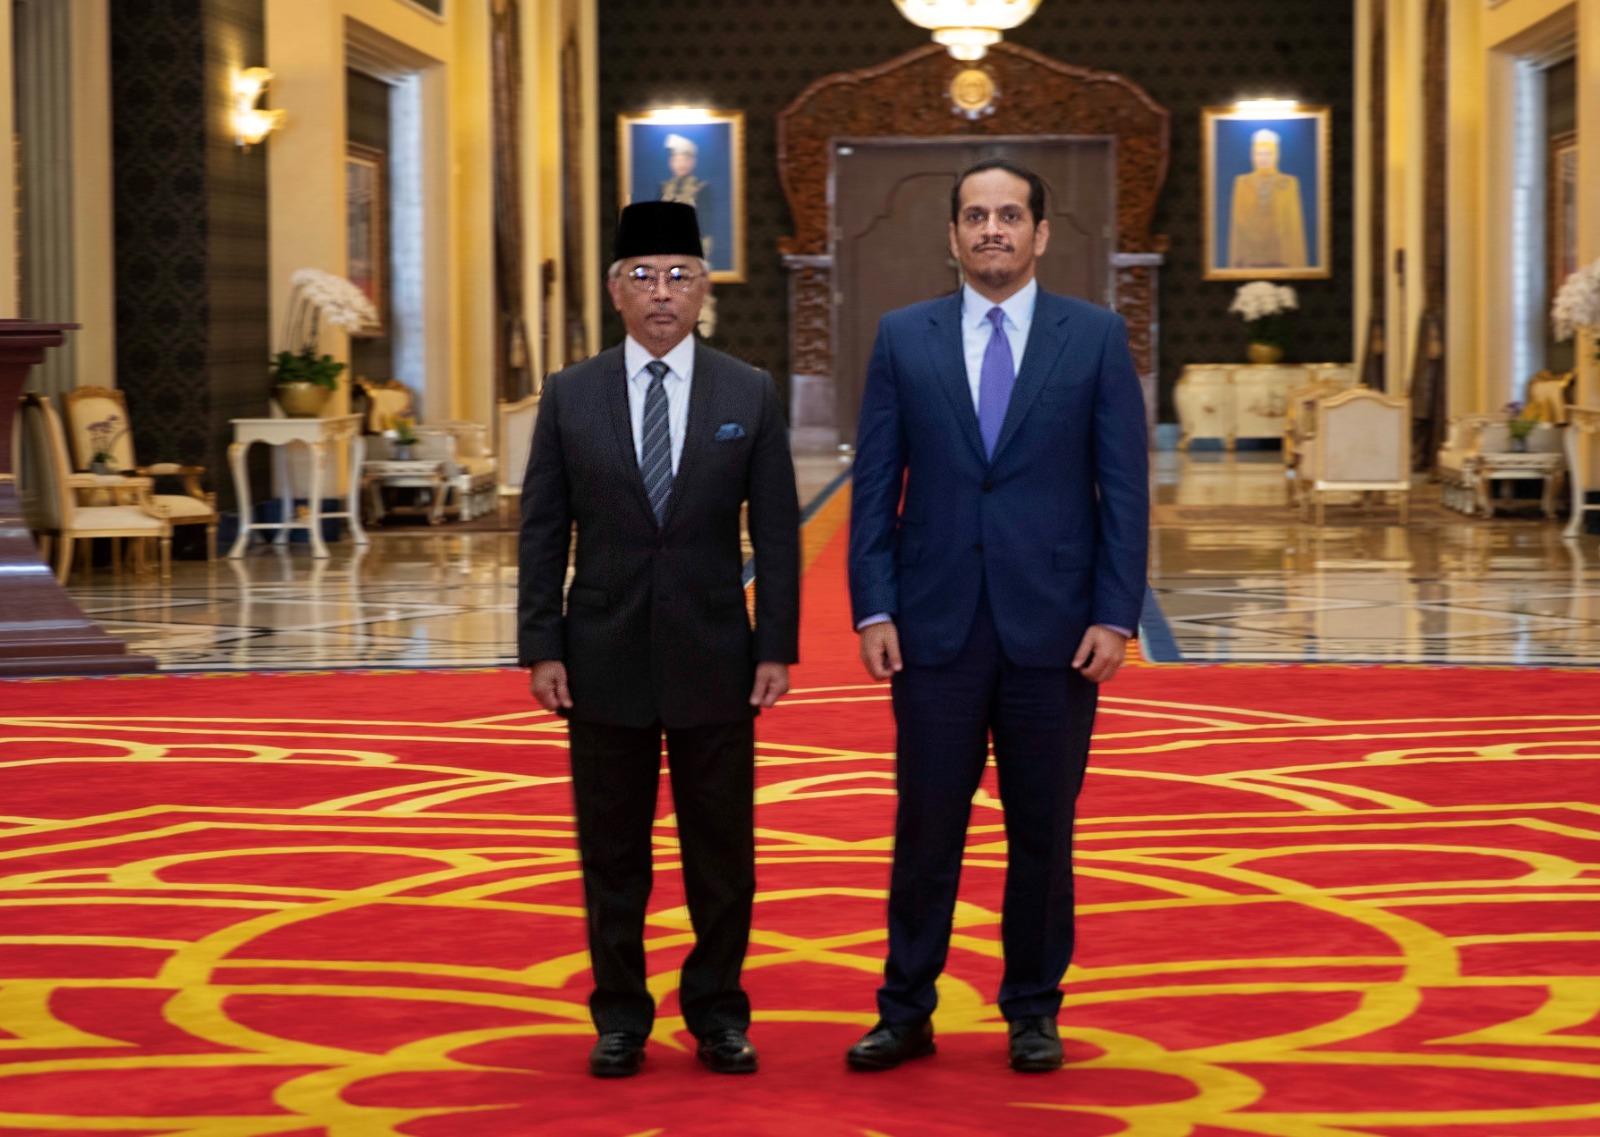 ملك ماليزيا يستقبل نائب رئيس مجلس الوزراء وزير الخارجية